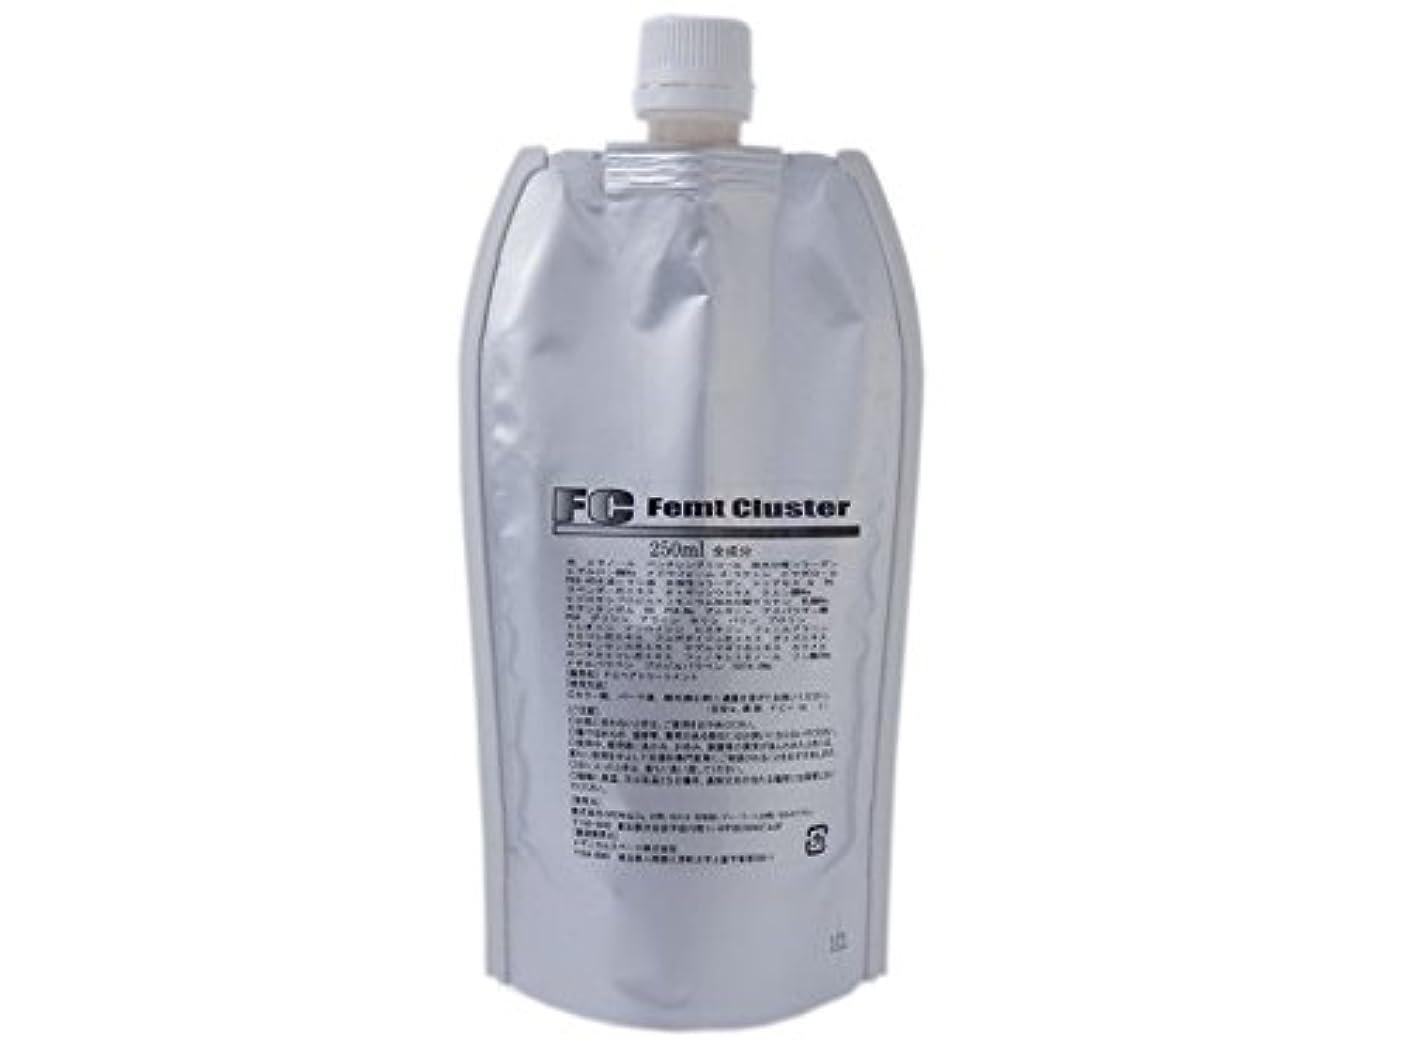 によって見捨てられたロッジフェムトクラスター 業務用添加剤(トリートメント) 250ml